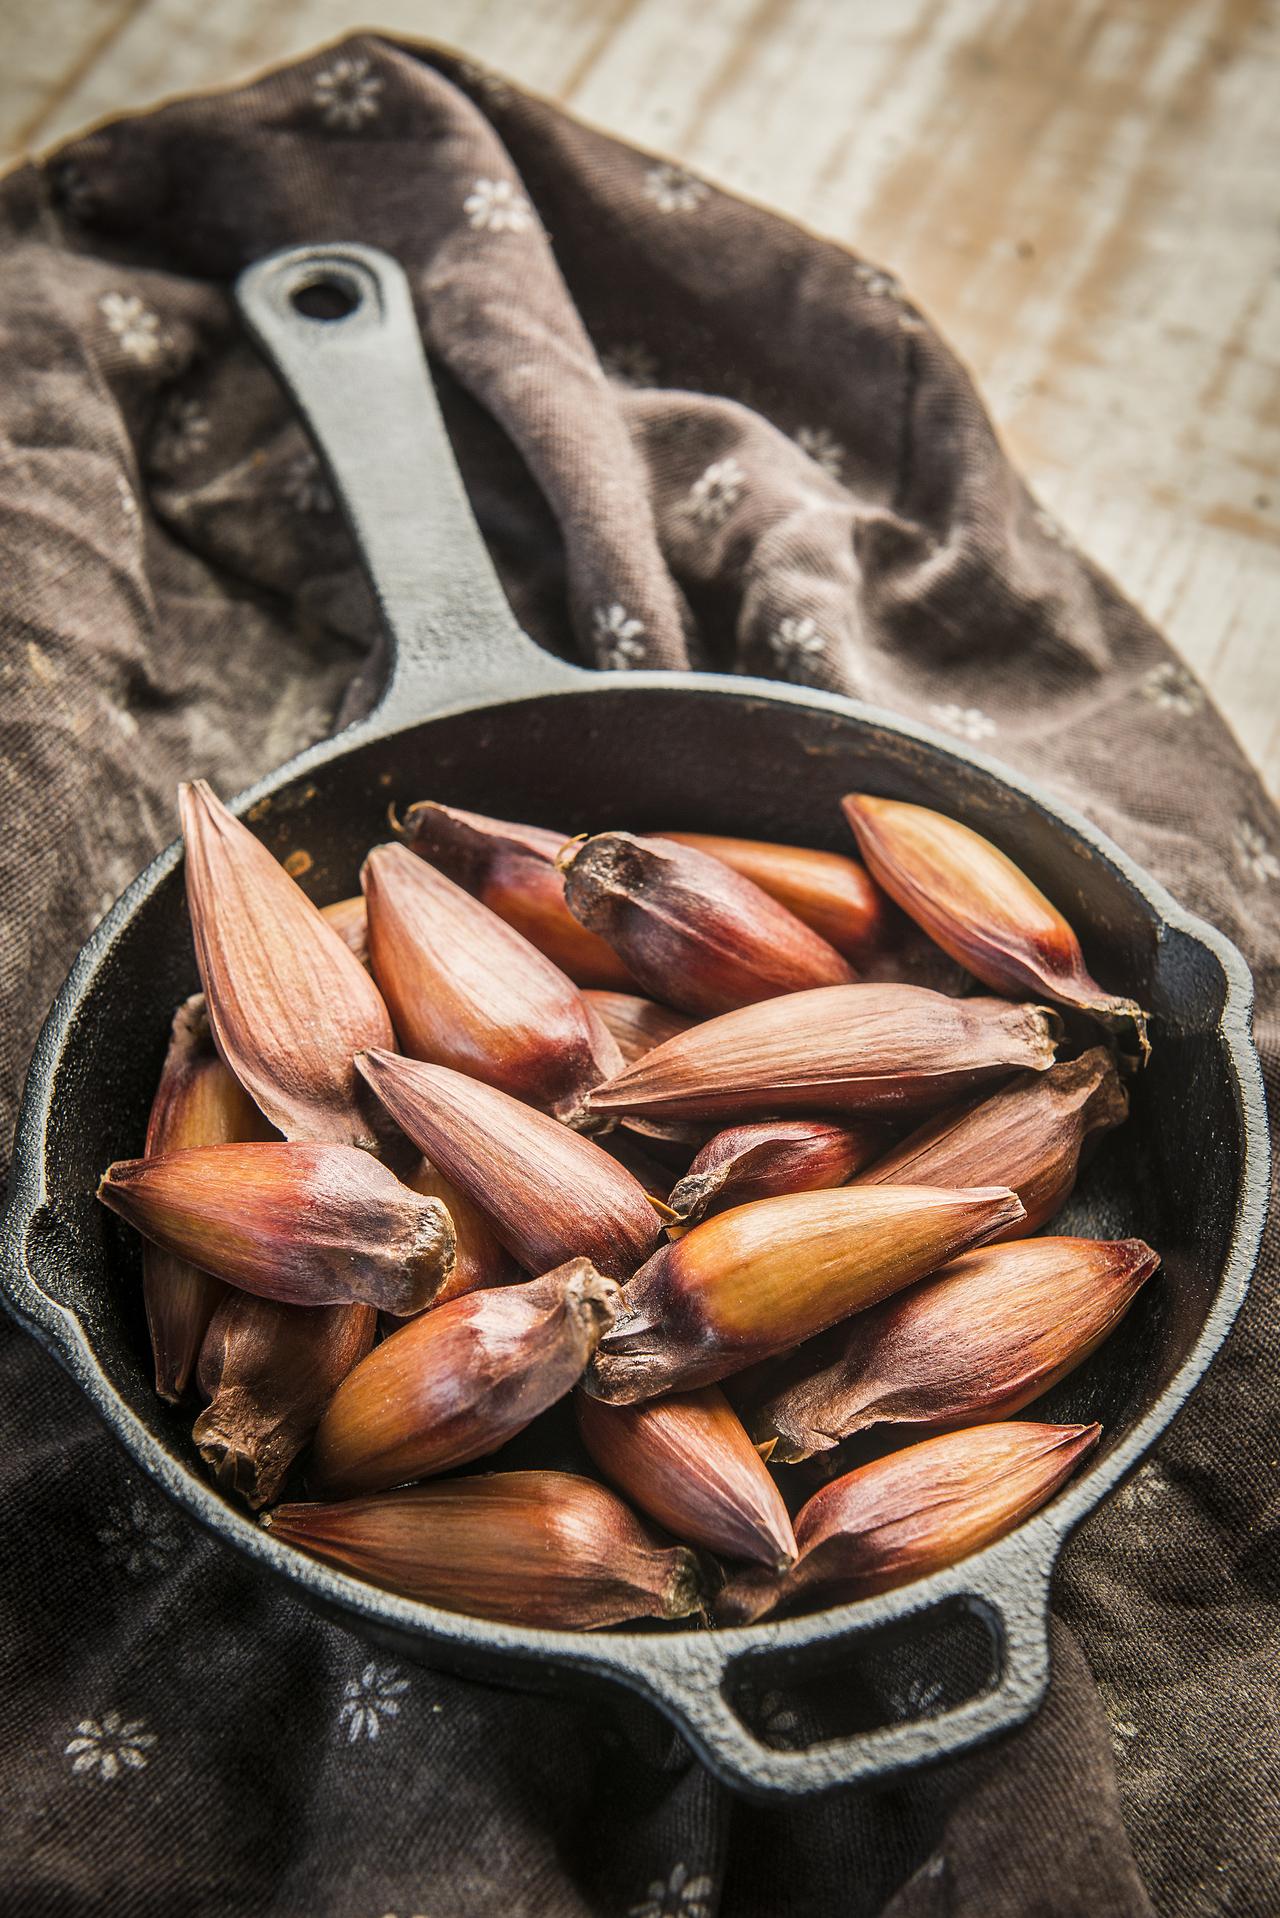 Com sabor característico, porém suave, o pinhão pode ser acrescentado a diversas receitas.